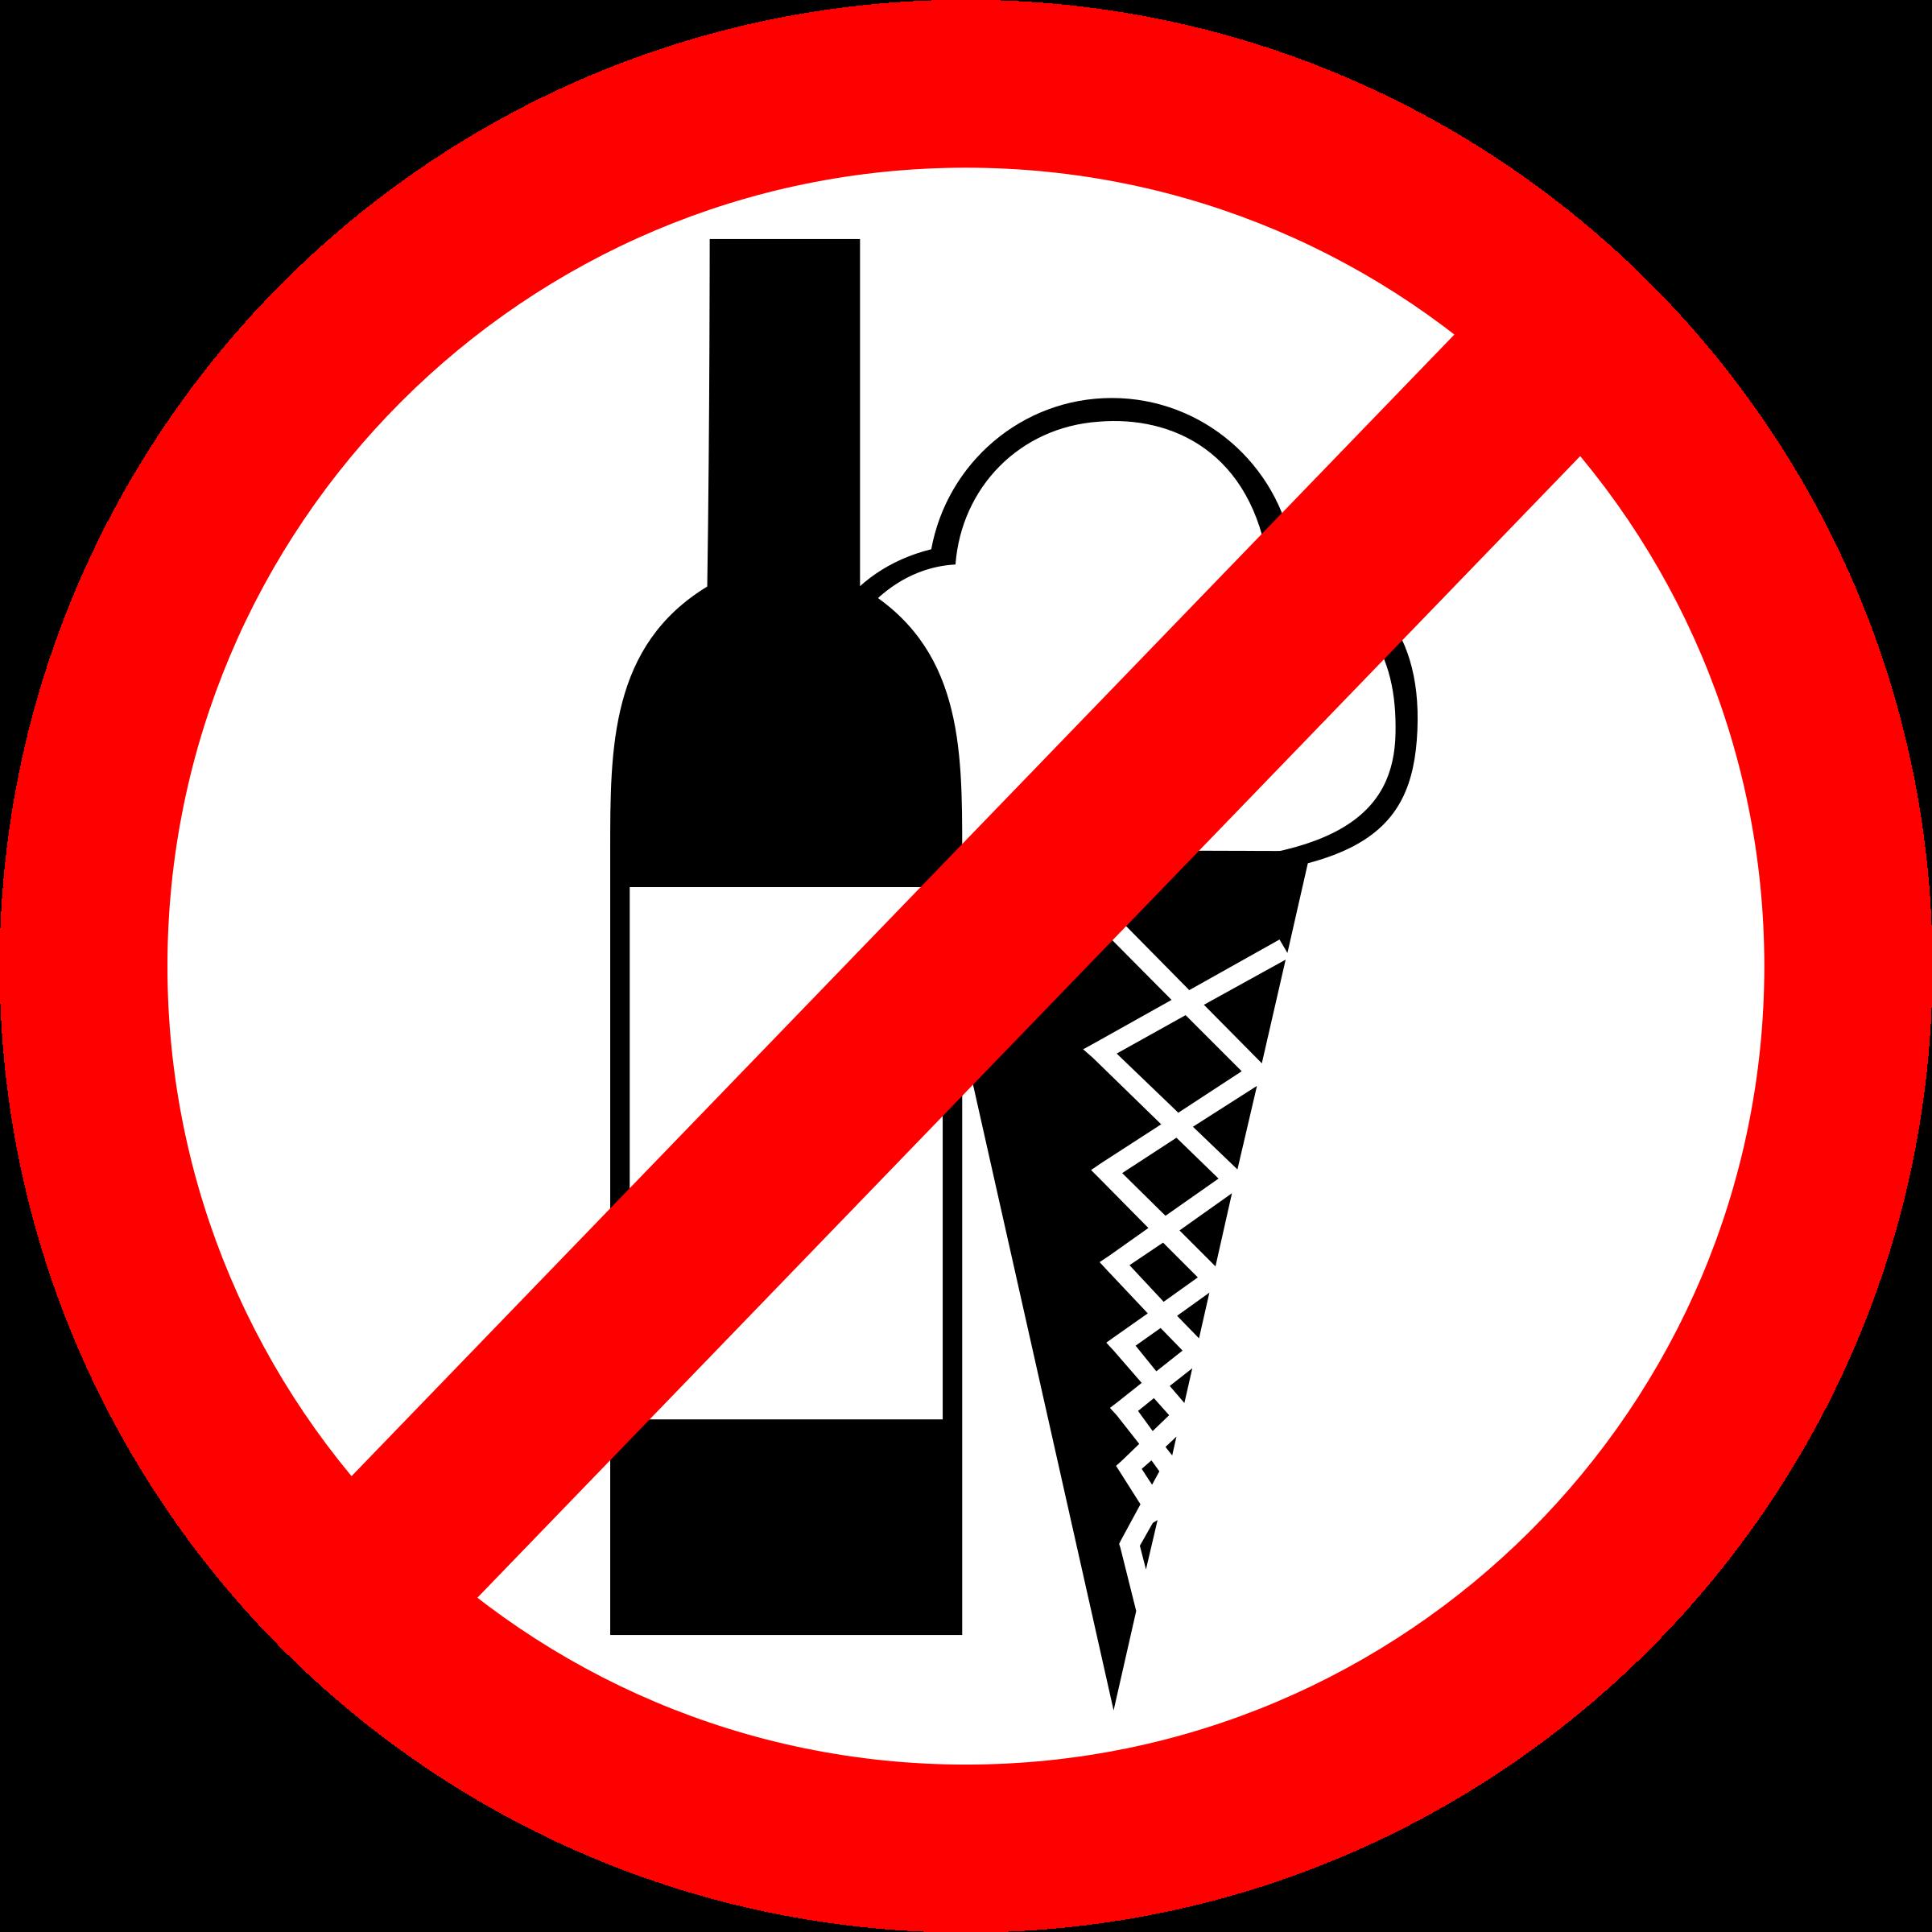 Картинки с едой и напитками вход запрещен, новому году